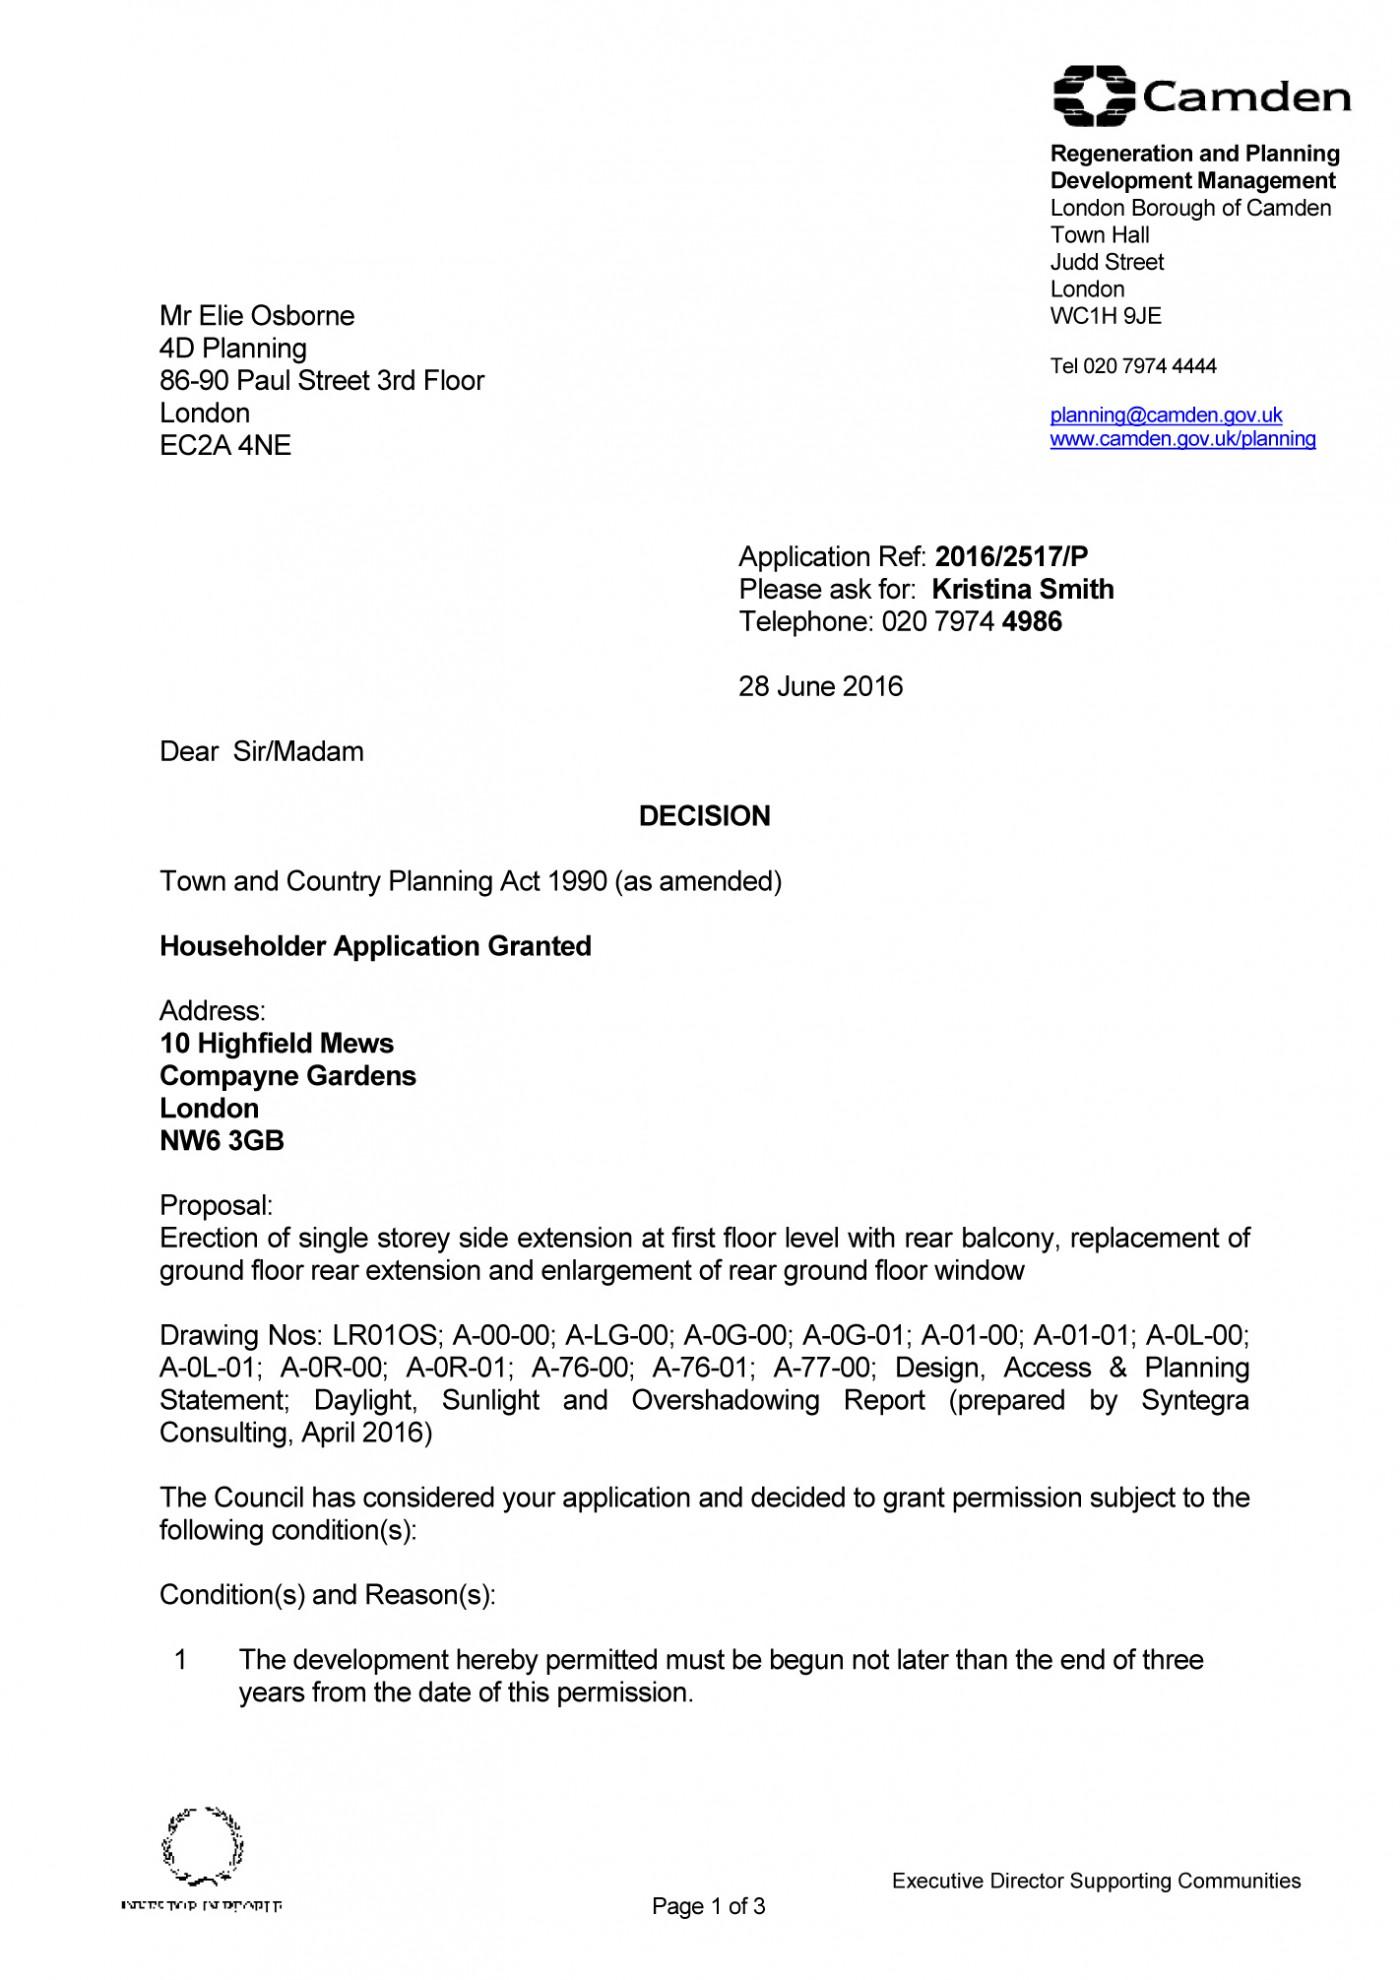 decision notice - Camden Council